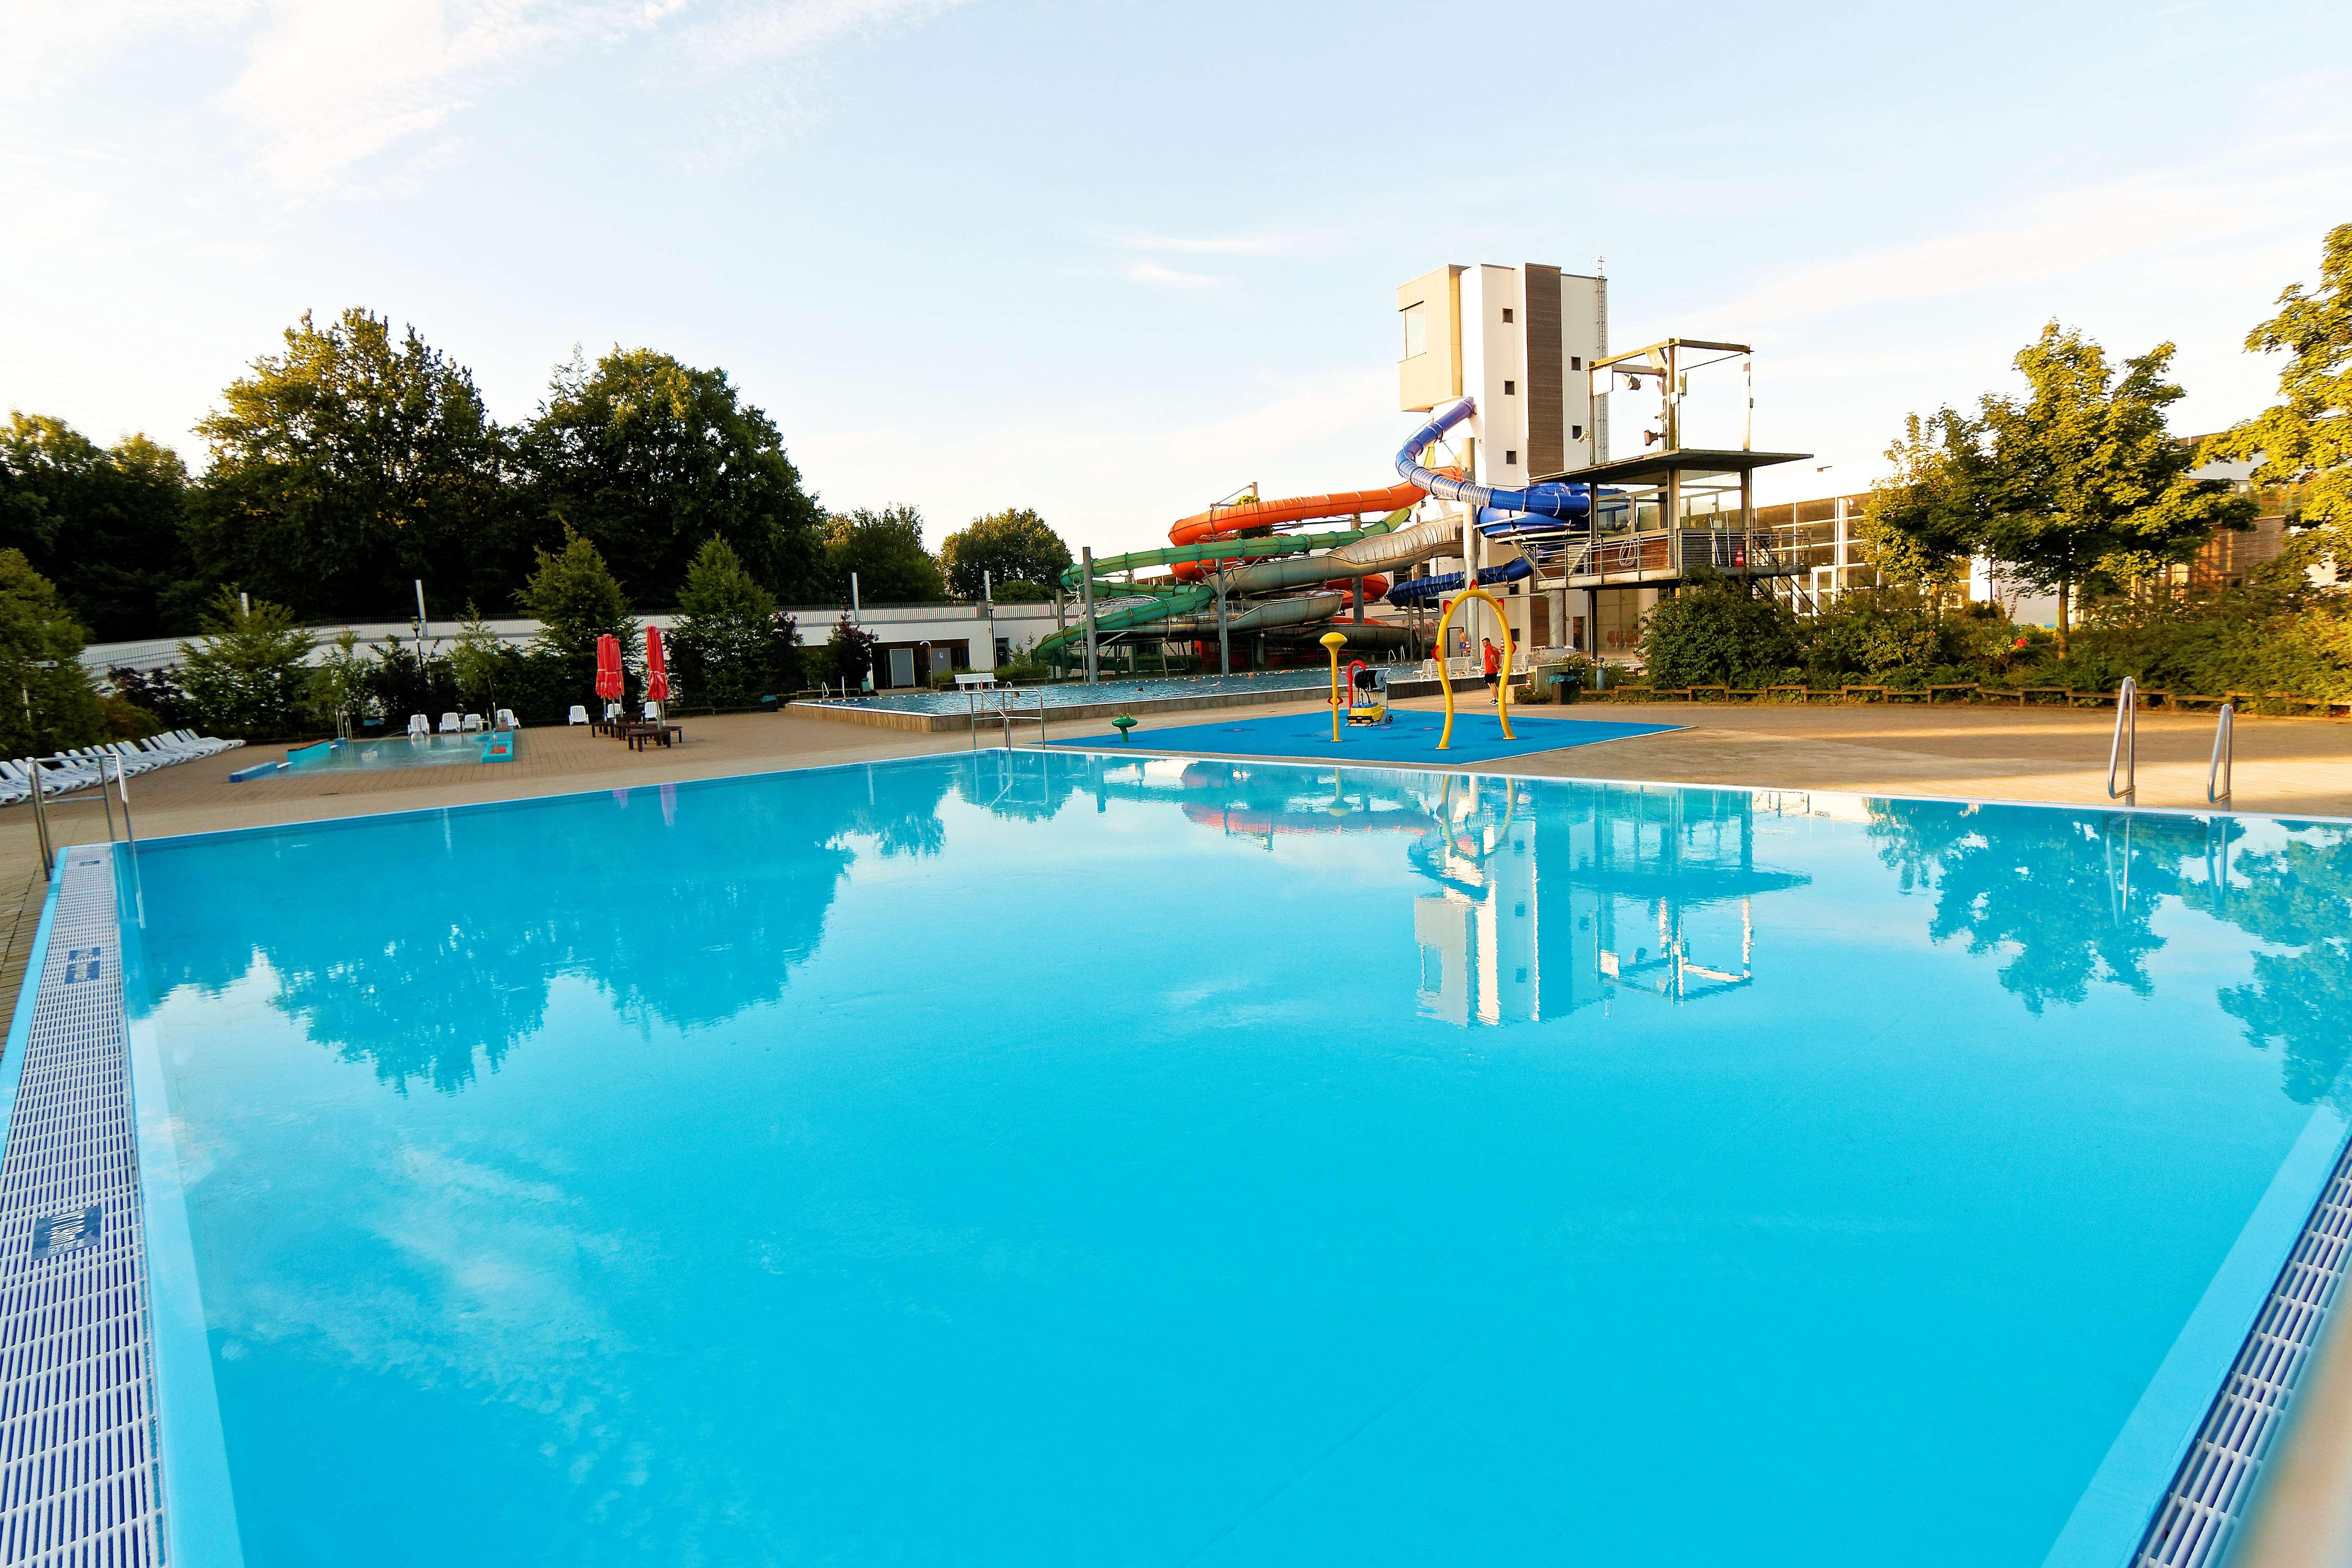 Ansicht des frisch eröffneten Nichtschwimmerbeckens im Osnabrücker Nettebad.